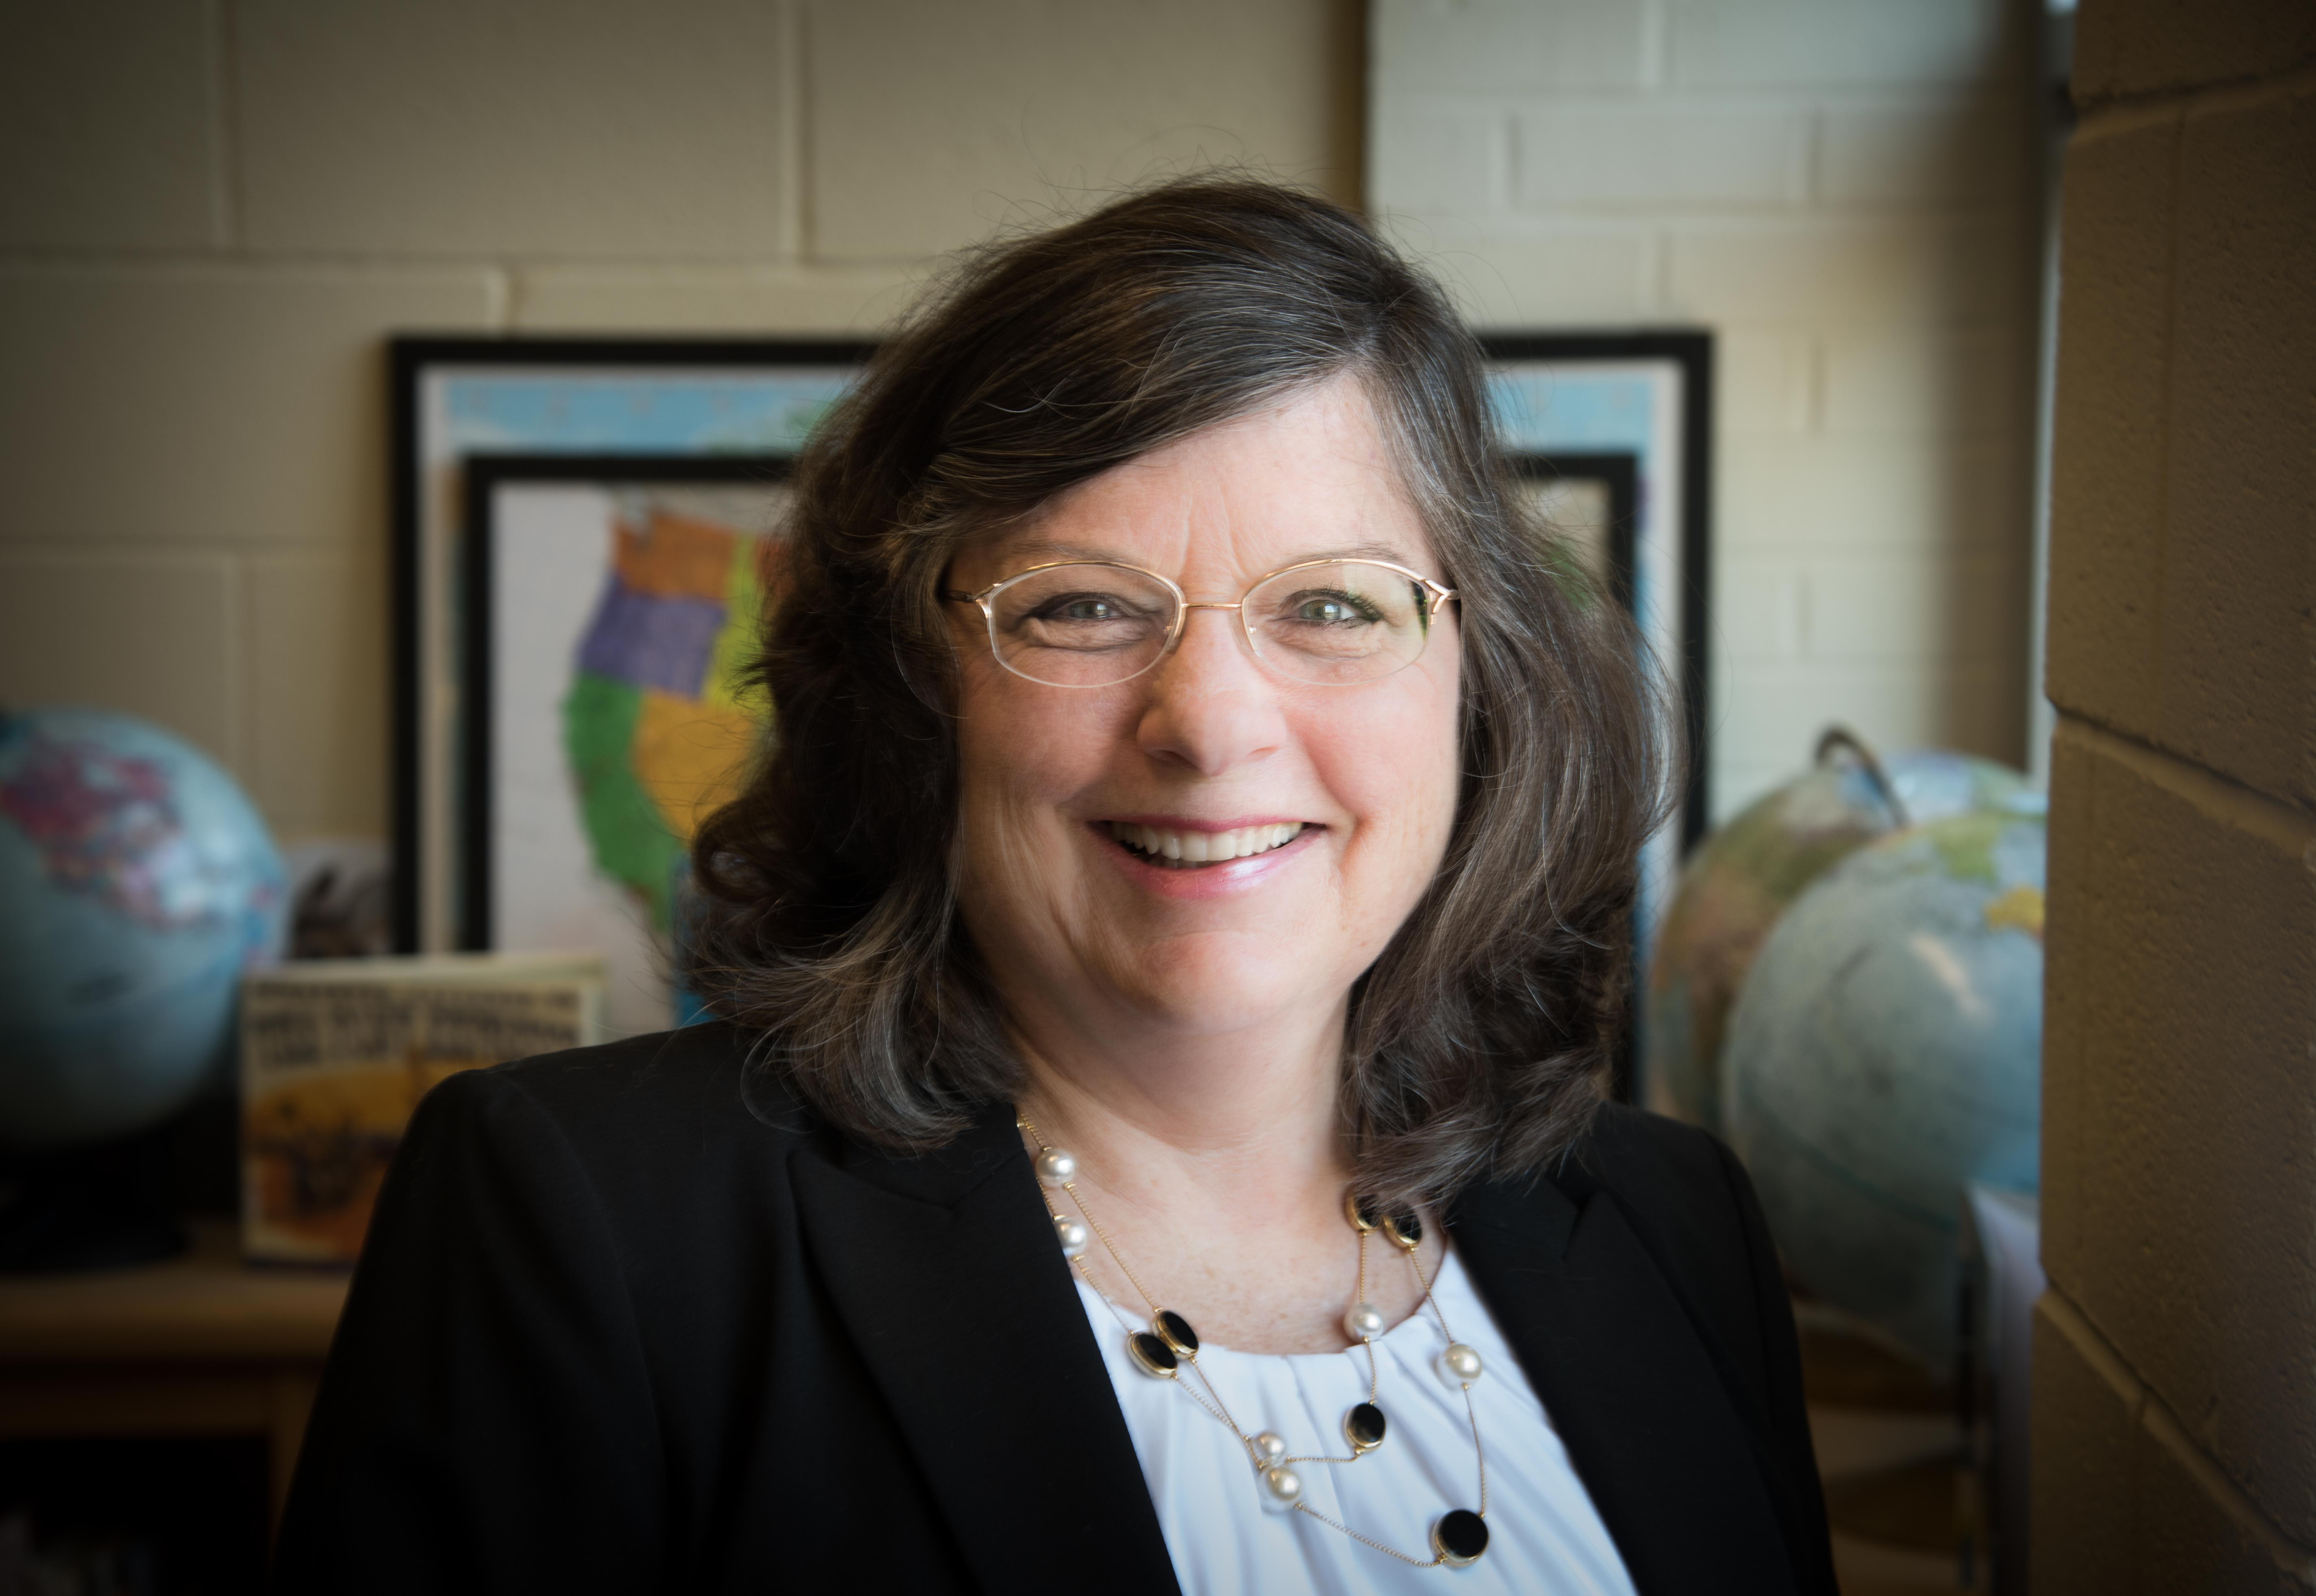 Principal Patricia Zissios.